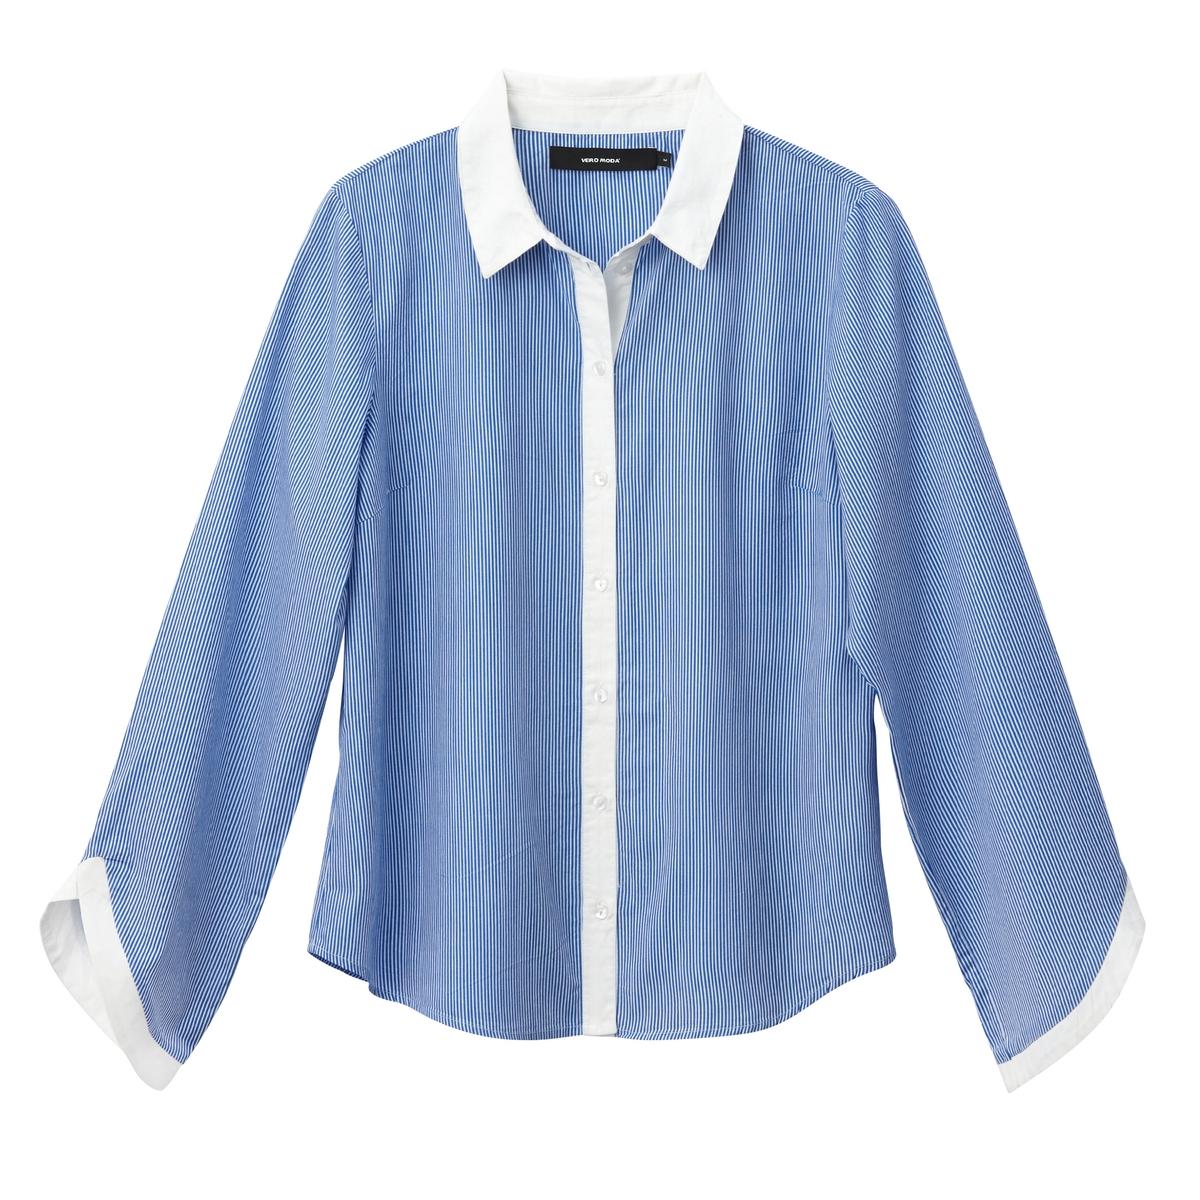 Рубашка с воротником-поло и длинными рукавамиОписание:Детали •  Длинные рукава •  Прямой покрой •  Воротник-поло, рубашечный •  Рисунок в полоску   •  Уголки воротника на пуговицахСостав и уход •  100% хлопок •  Следуйте рекомендациям по уходу, указанным на этикетке изделия<br><br>Цвет: розовый в полоску,синий/ в полоску